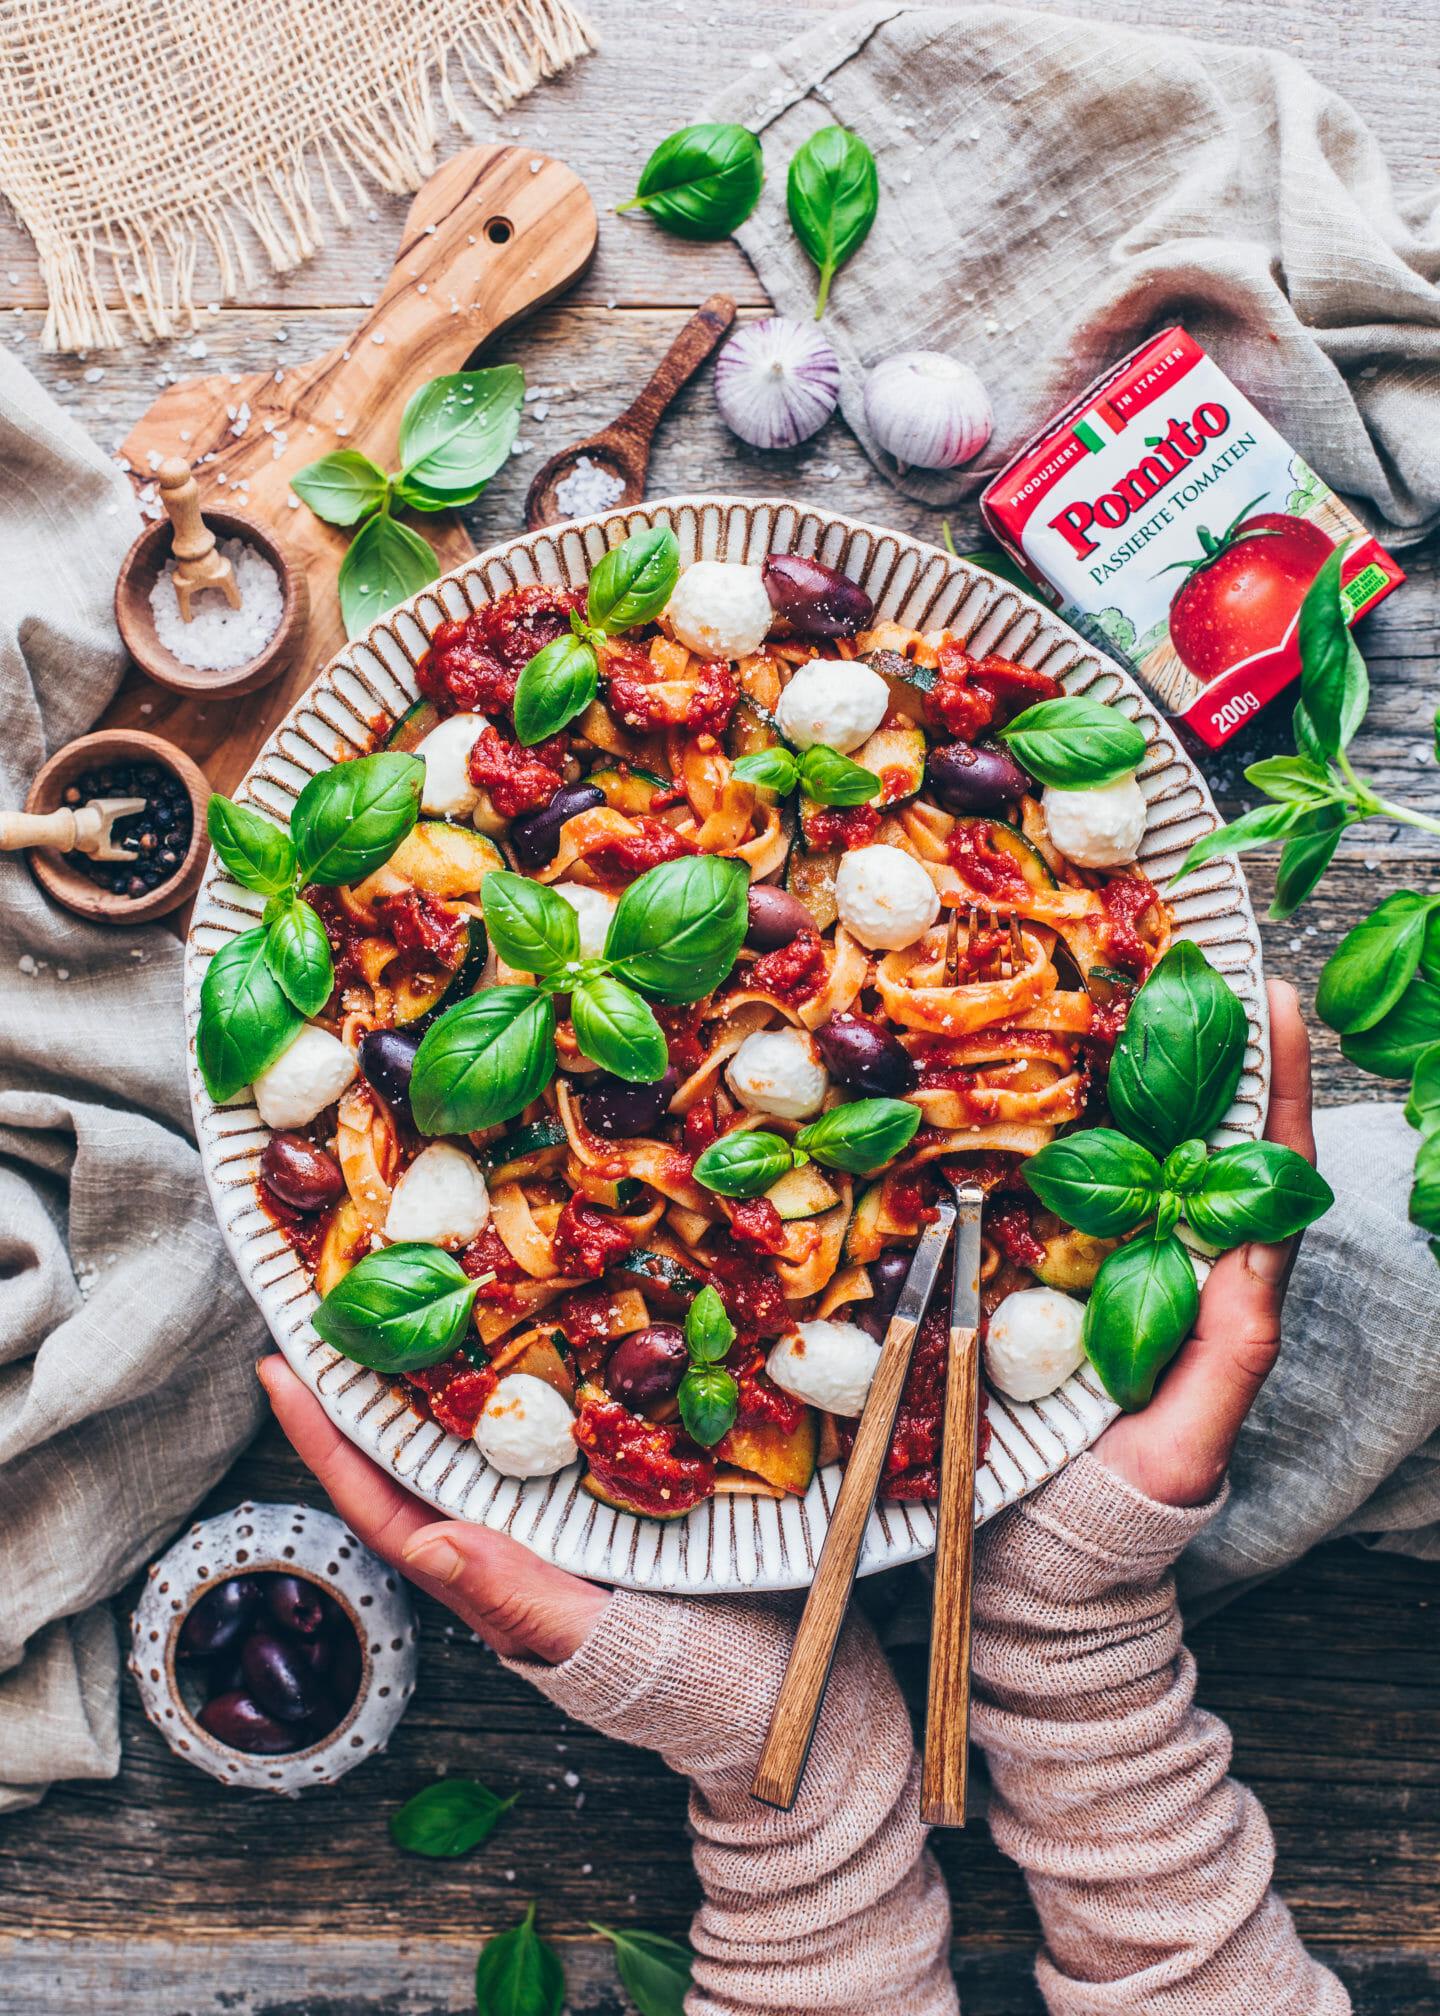 Italienische One-Pot Pasta mit Tomaten, Mozzarella und Basilikum